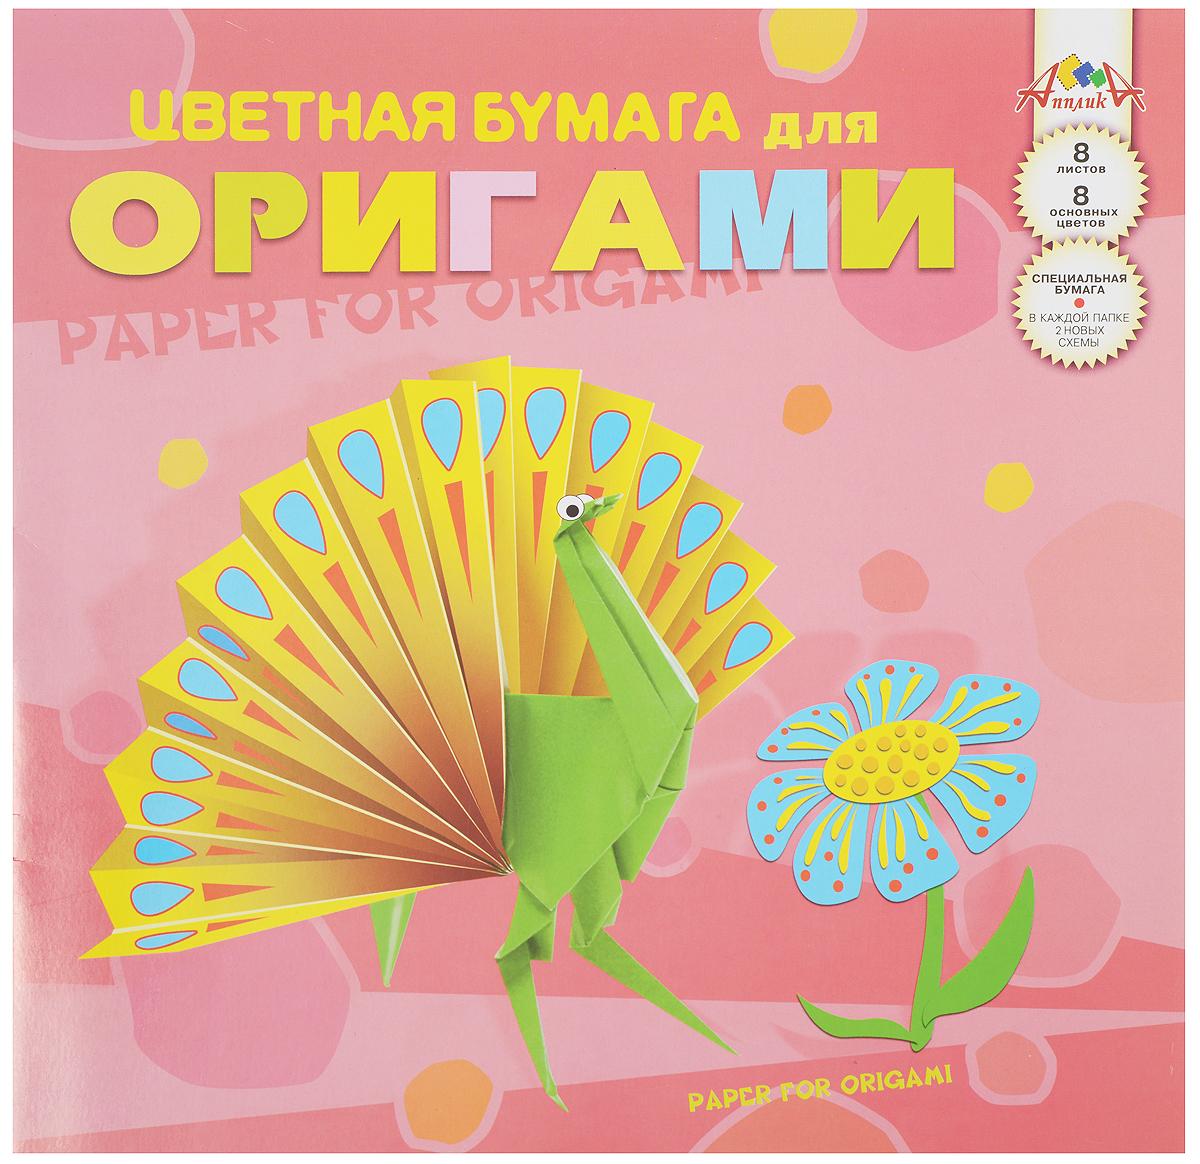 Апплика Цветная бумага для оригами Павлин 8 листов72523WDНабор цветной бумаги Апплика Павлин позволит создавать вашему ребенку своими руками оригинальное оригами.Набор состоит из 8 листов двусторонней бумаги разных цветов (желтого, оранжевого, розового, молочного, голубого, светло-желтого, красного и светло-зеленого). Внутри папки приводятся 2 схематичные инструкции по изготовлению оригами (ракушки и ската), сзади дана расшифровка условных обозначений.Создание поделок из цветной бумаги позволяет ребенку развивать творческие способности, кроме того, это увлекательный досуг.